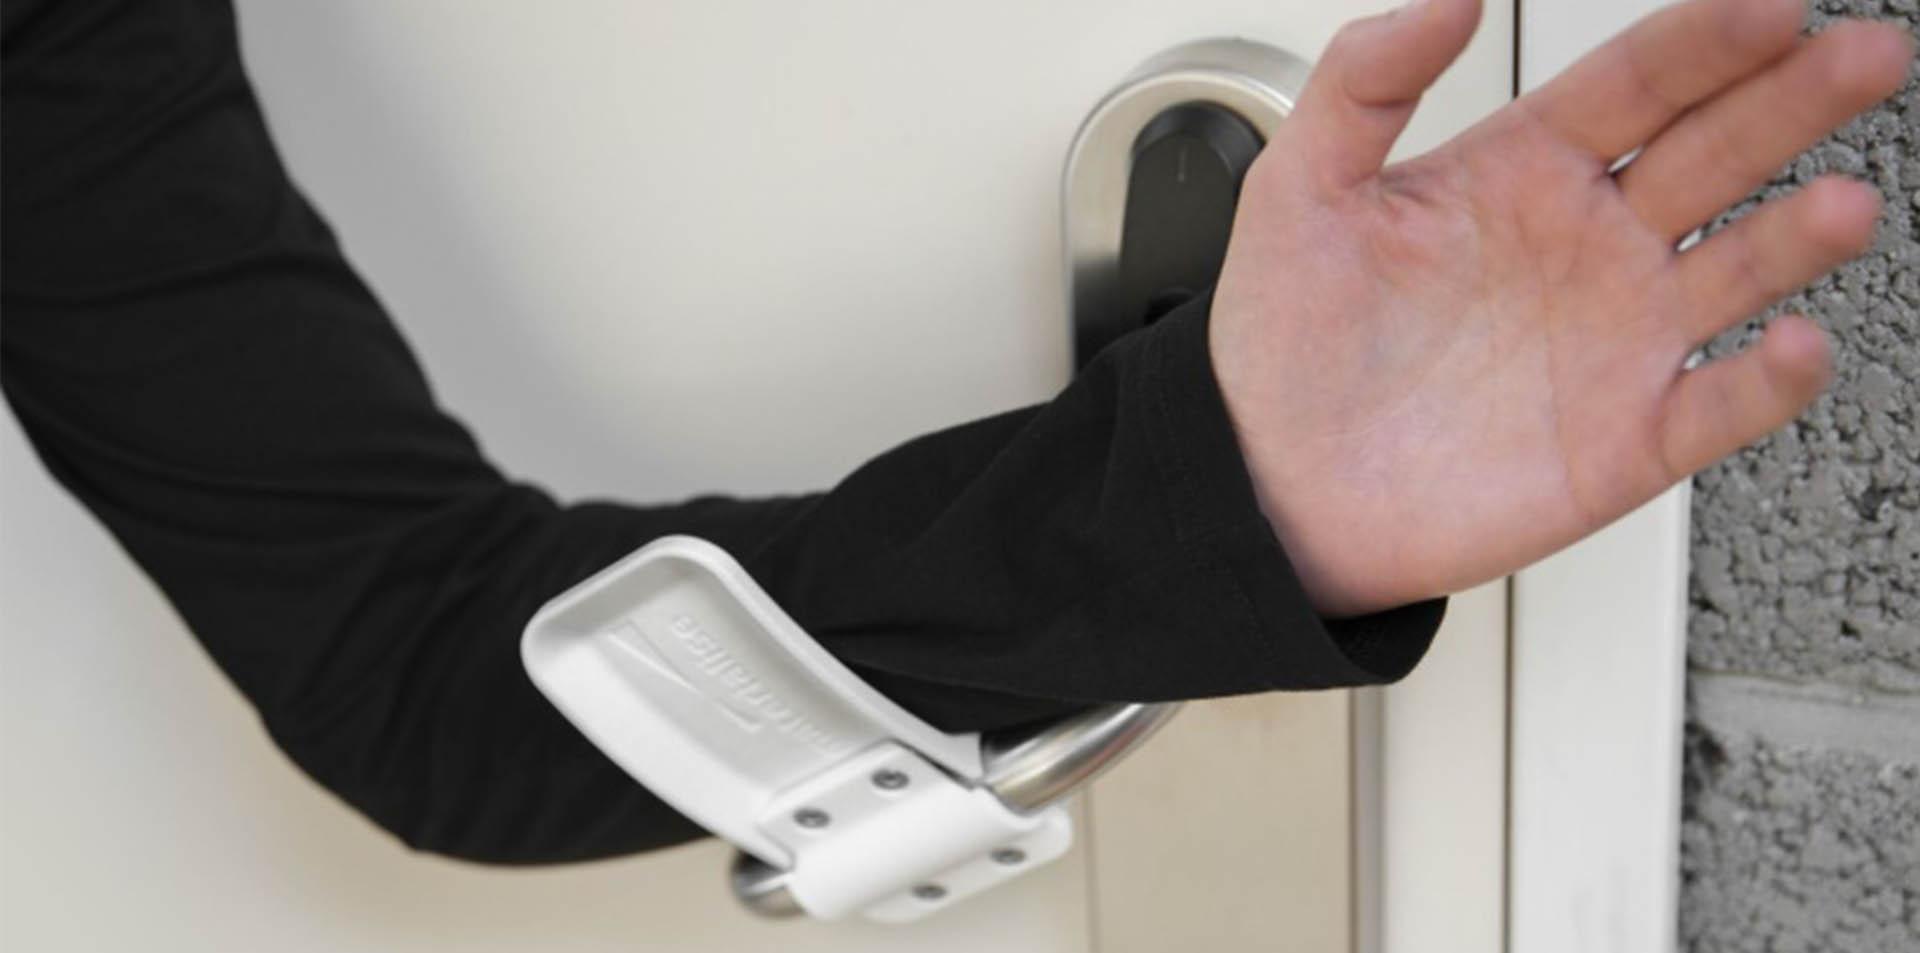 Door opener from Materialise